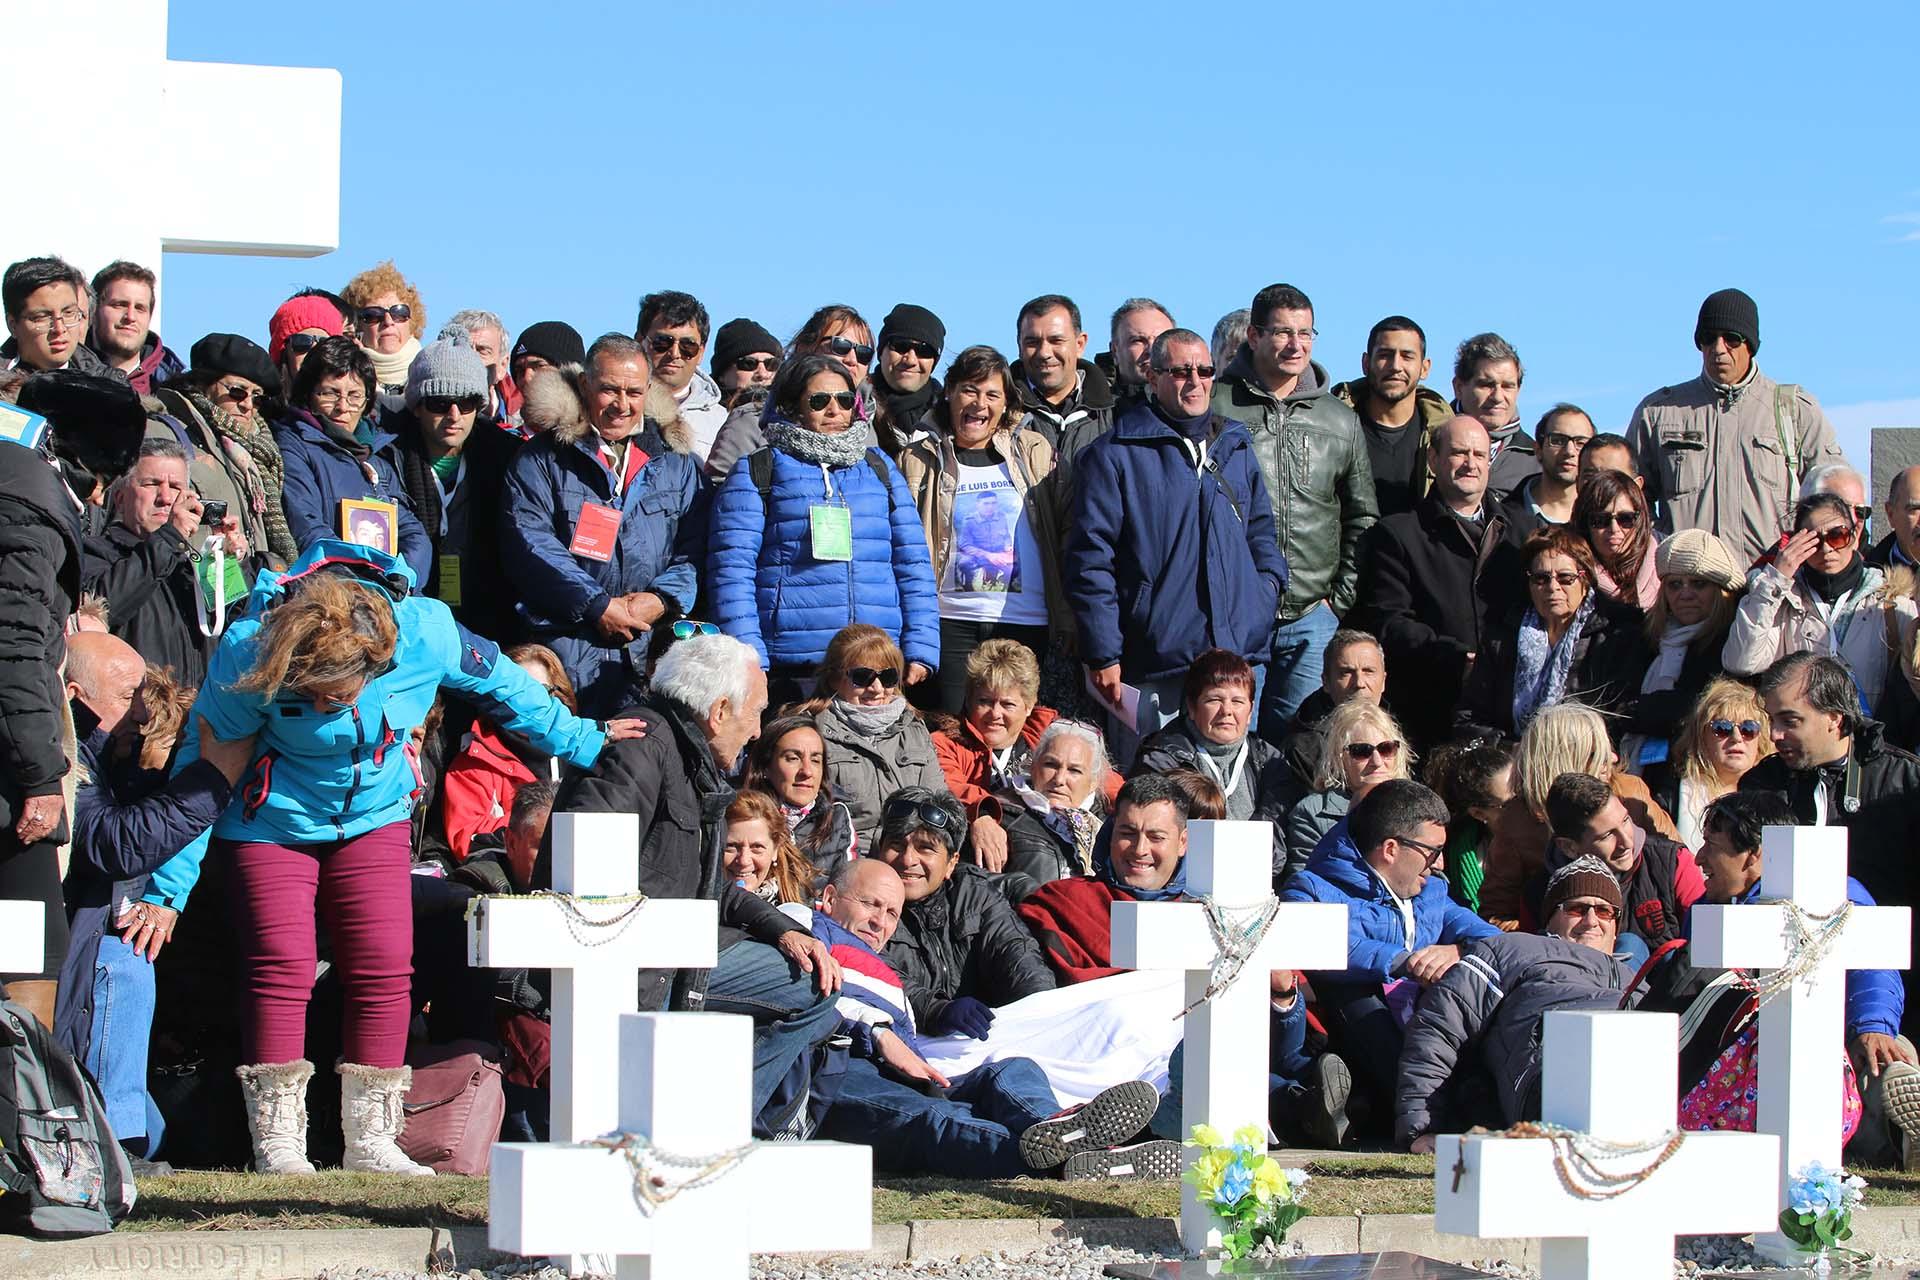 Antes de partir, y para que dejar el cementerio fuera más fácil para las familias, se organizó una foto grupal delante de la gran cruz del cementerio argentino